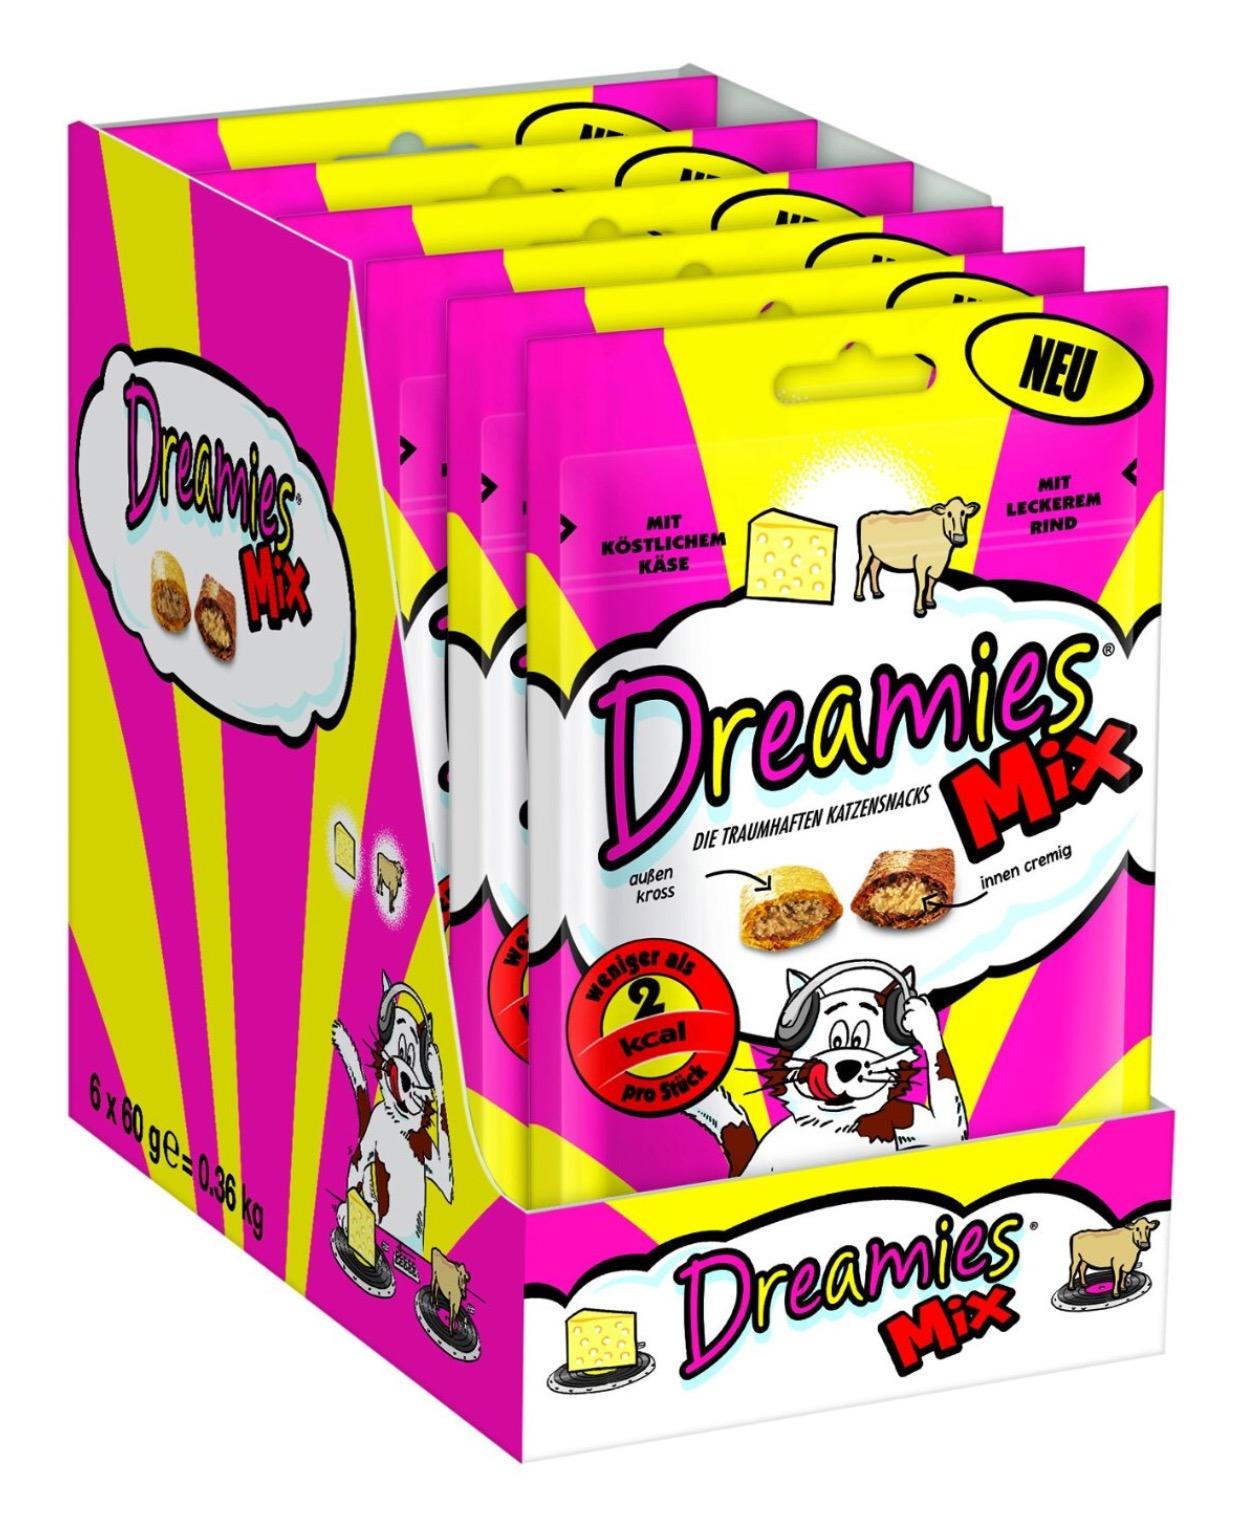 Amazon Drei ausgewählte Snacks von Dreamies kaufen, nur zwei bezahlen um 13,98 € (Preisvergleich 35,10 € )